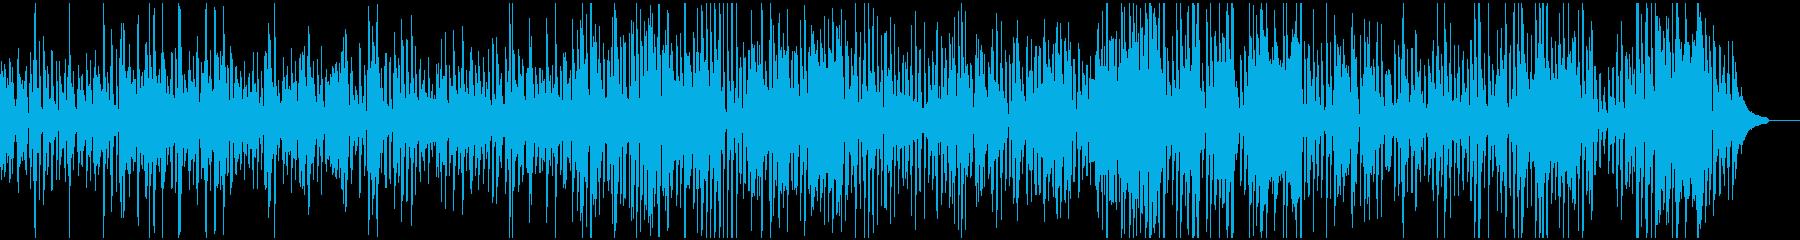 ほっこり暖かなJAZZインスト トリオの再生済みの波形